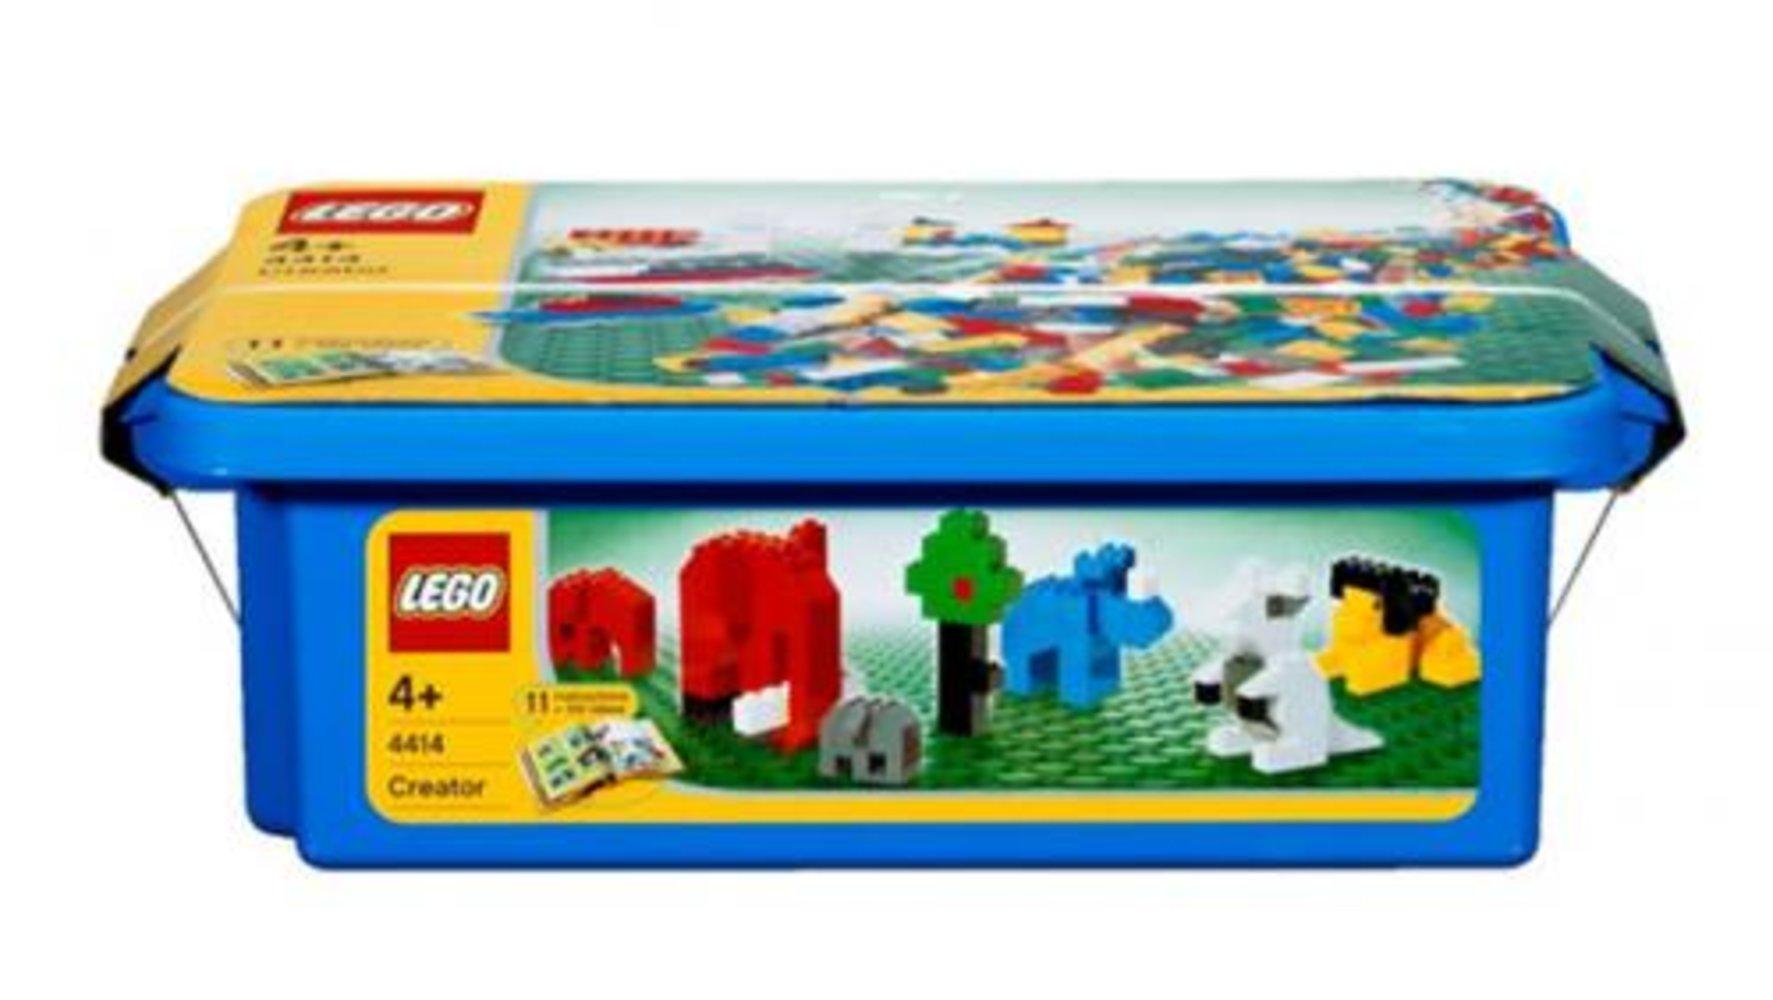 LEGO Creator Bucket